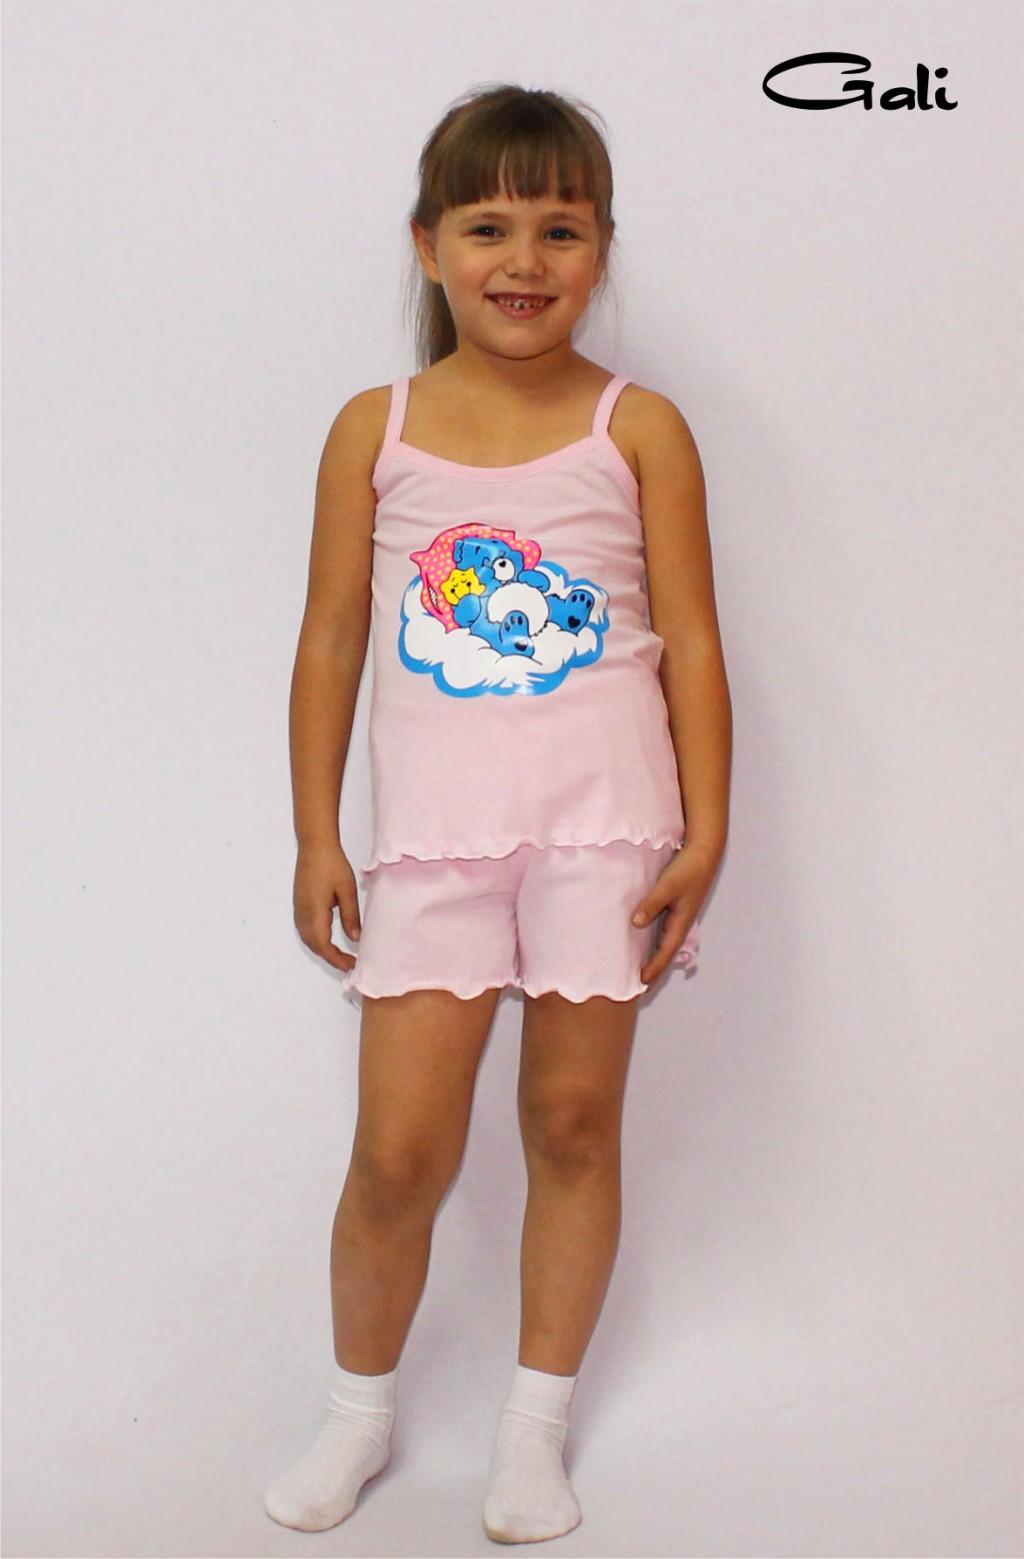 Сбор заказов.В разгар сезона детского сада, мы предлагаем Вам приобрести самые популярные детские трикотажные изделия - футболка и шорты, по низкой цене - всего 50 рублей!12 +Новинки!